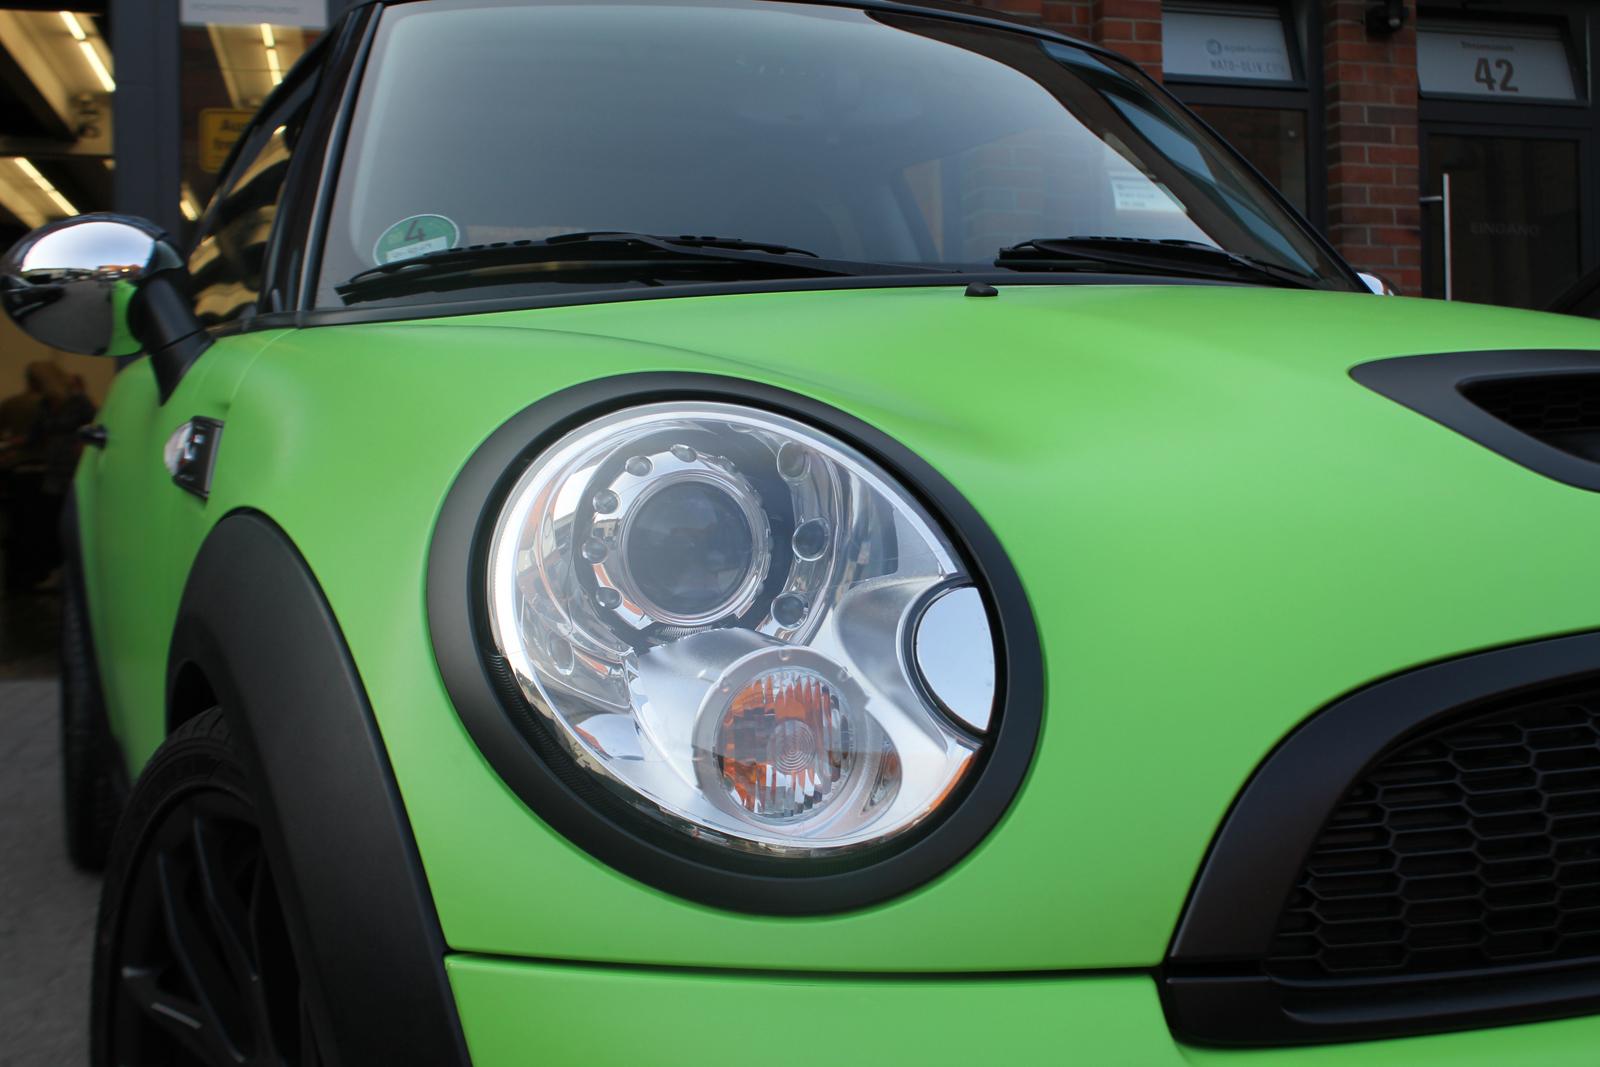 Frontansicht des giftgruen folierten Mini Coopers mit schwarz matter Beklebung des Scheinwerferrahmens